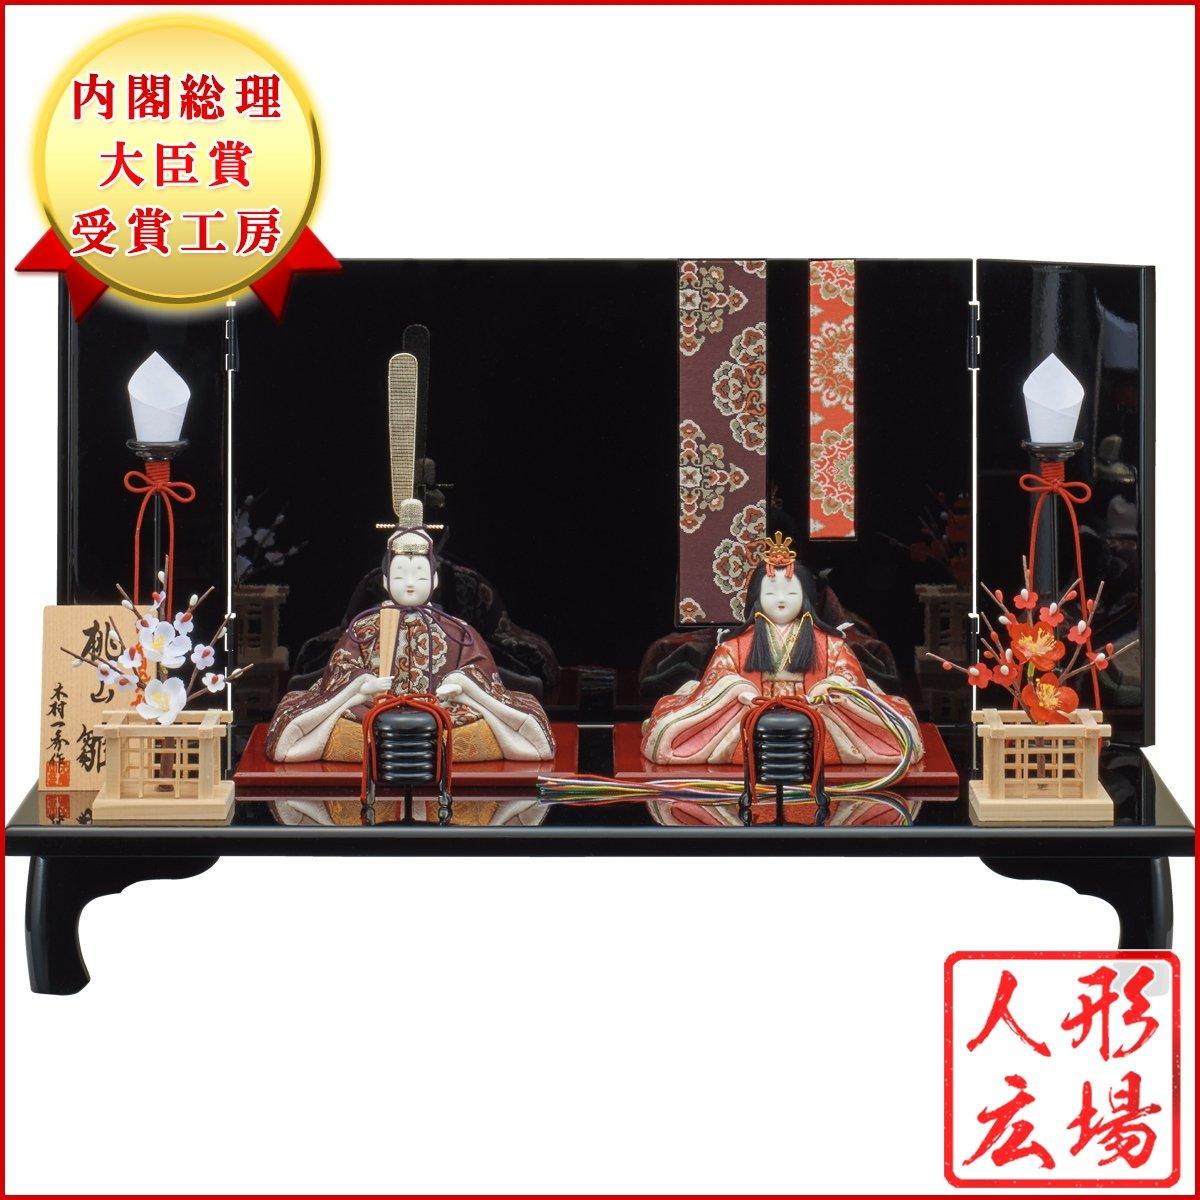 一秀 親王飾り「桃山雛」(二人飾り名物裂使用)   B01N9KV6J5